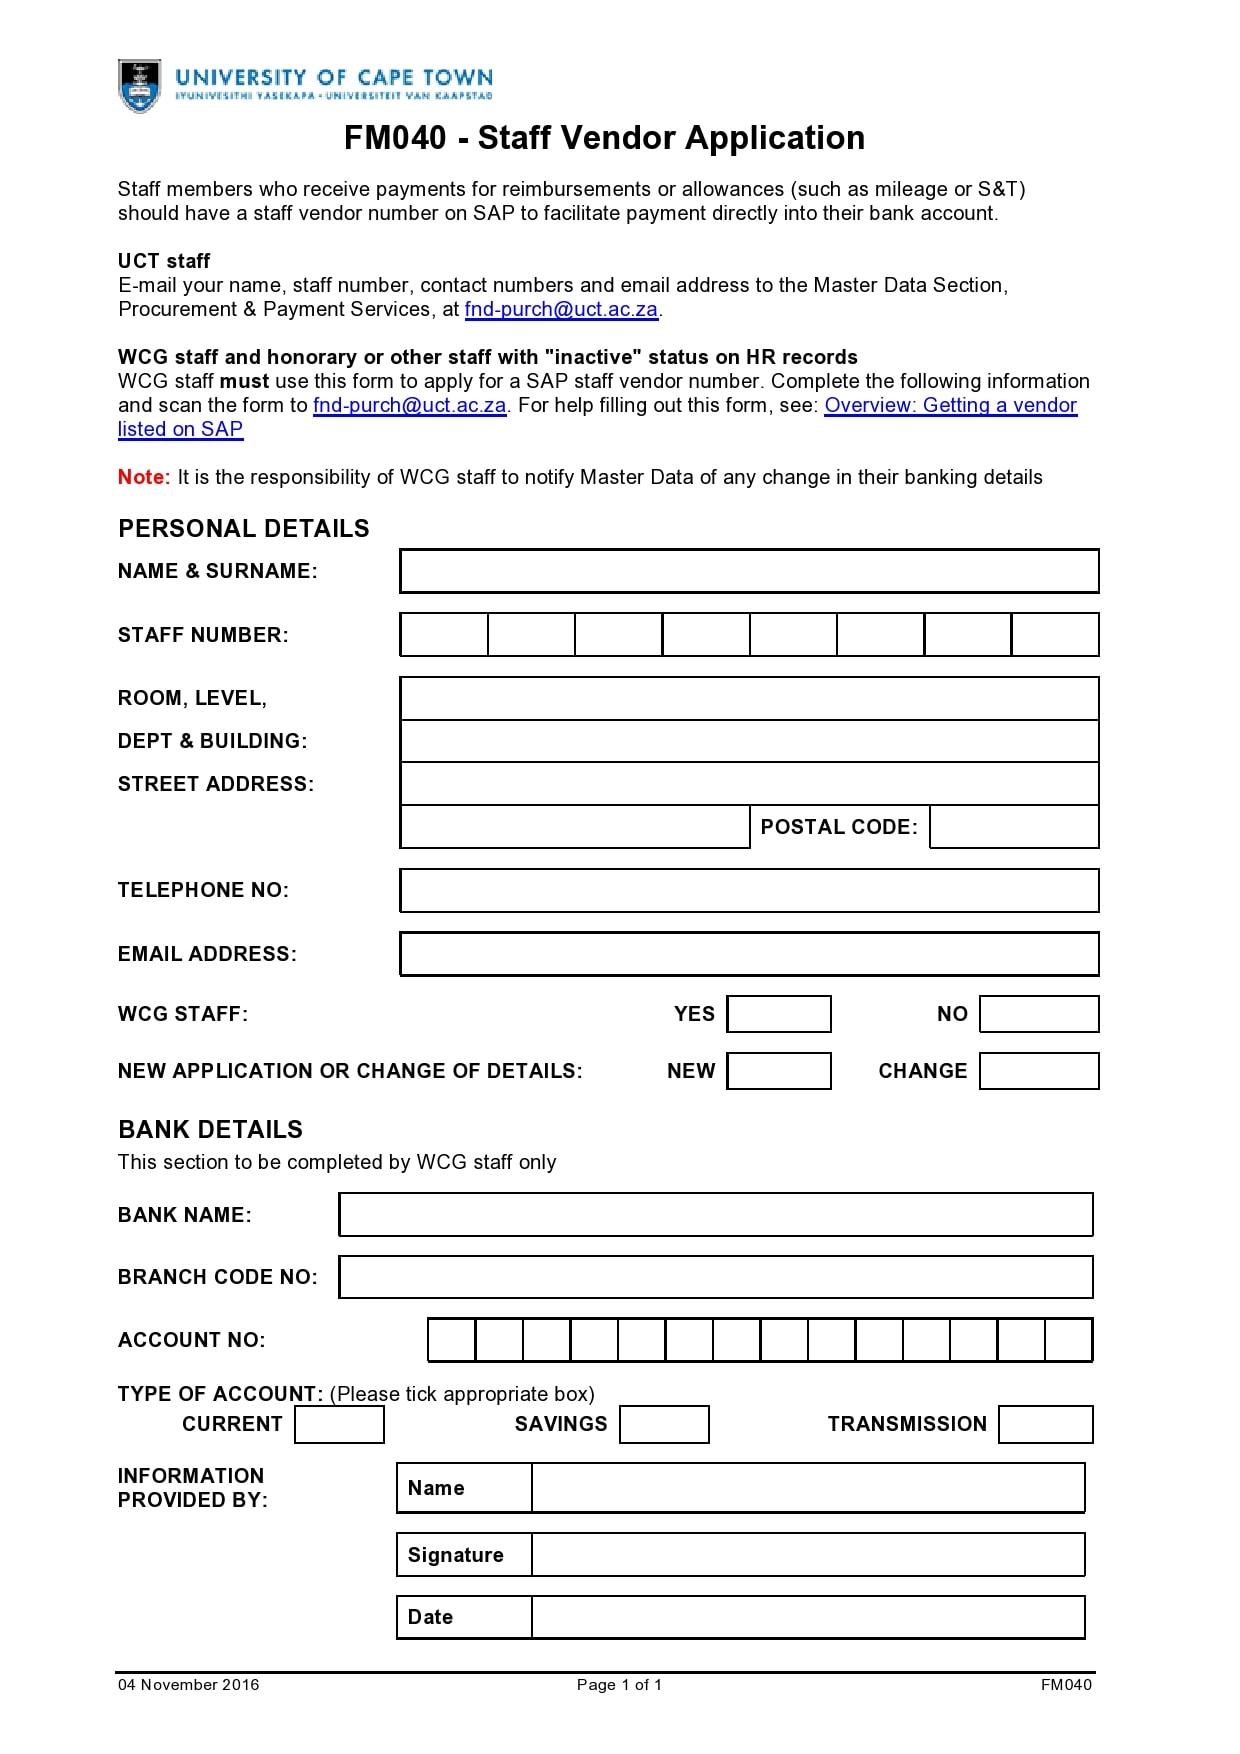 vendor application form 17